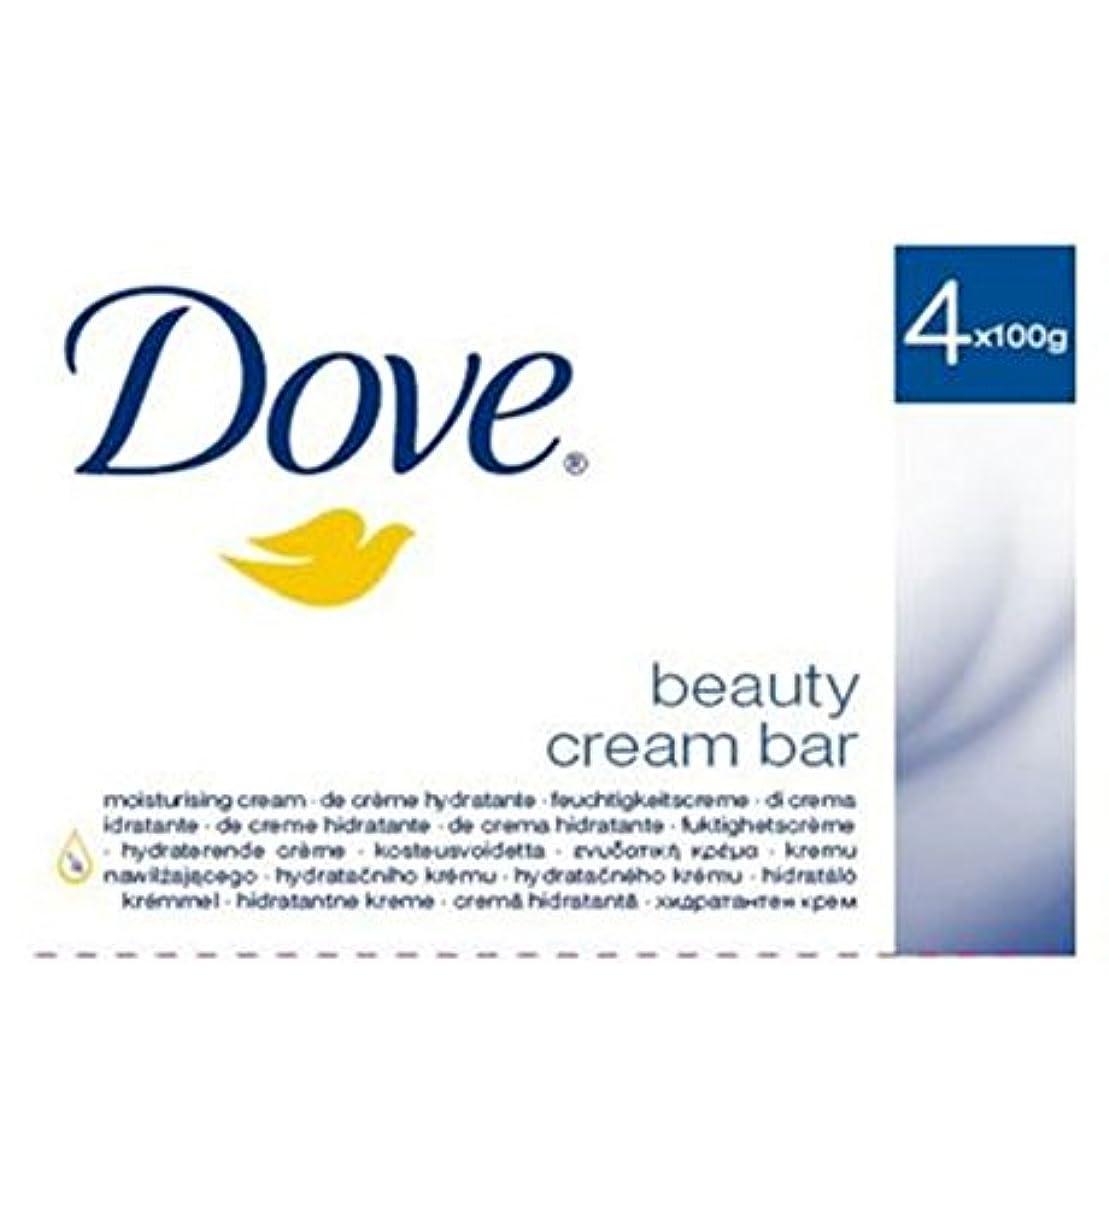 暴露不均一私達Dove Original Beauty Cream Bar 4 x 100g - 鳩元の美しさのクリームバー4のX 100グラム (Dove) [並行輸入品]